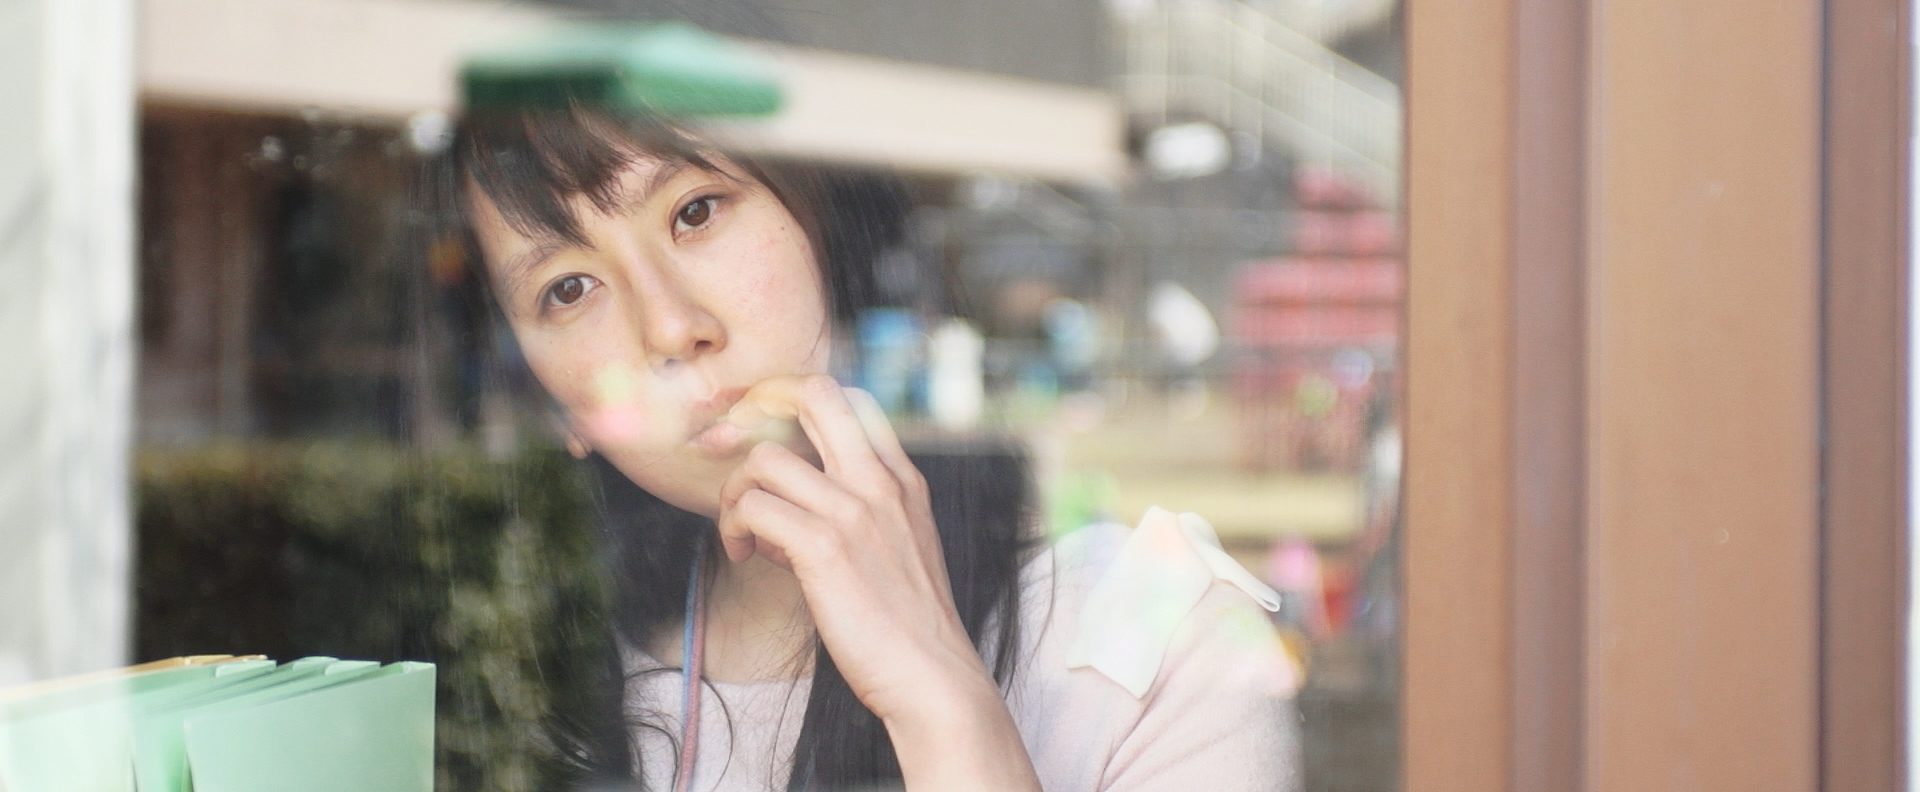 """Scène du film """"Siblings of the Cape"""" de Shinzo Katayama. L'actrice Misa Wada joue Mariko, une jeune femme souffrant d'un handicap mental. (Crédits : DR)"""